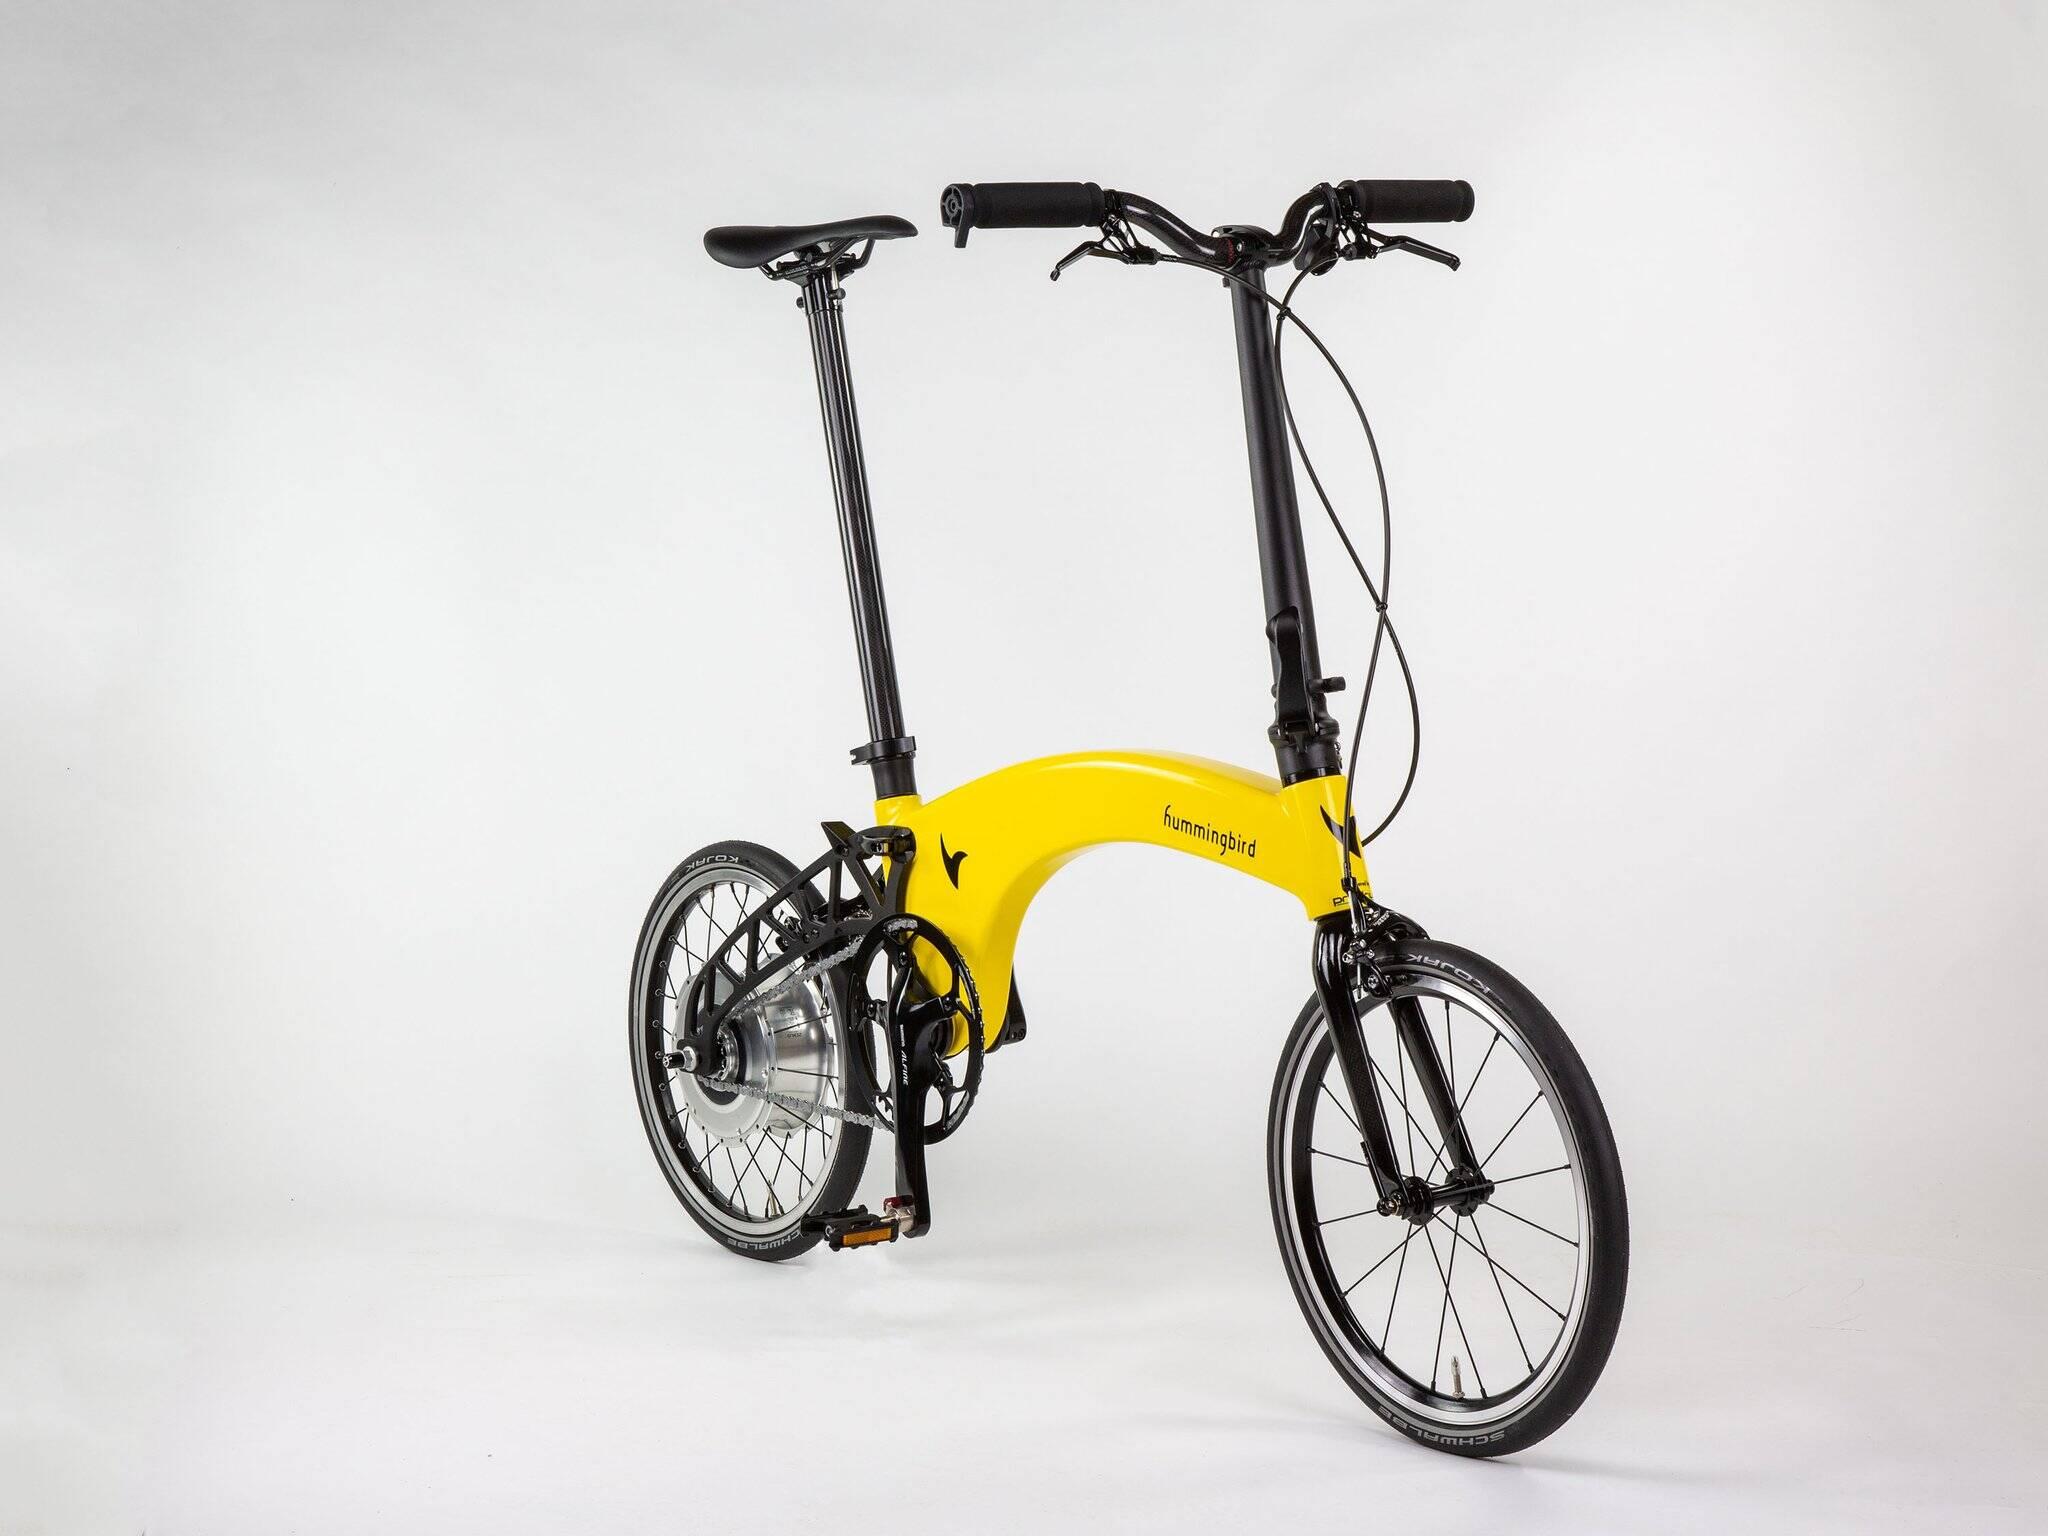 Bicicleta eletrica Electric Gen 2.0 pode ser dobrada, guardada ou levada para qualquer lugar.. Foto: Divulgação